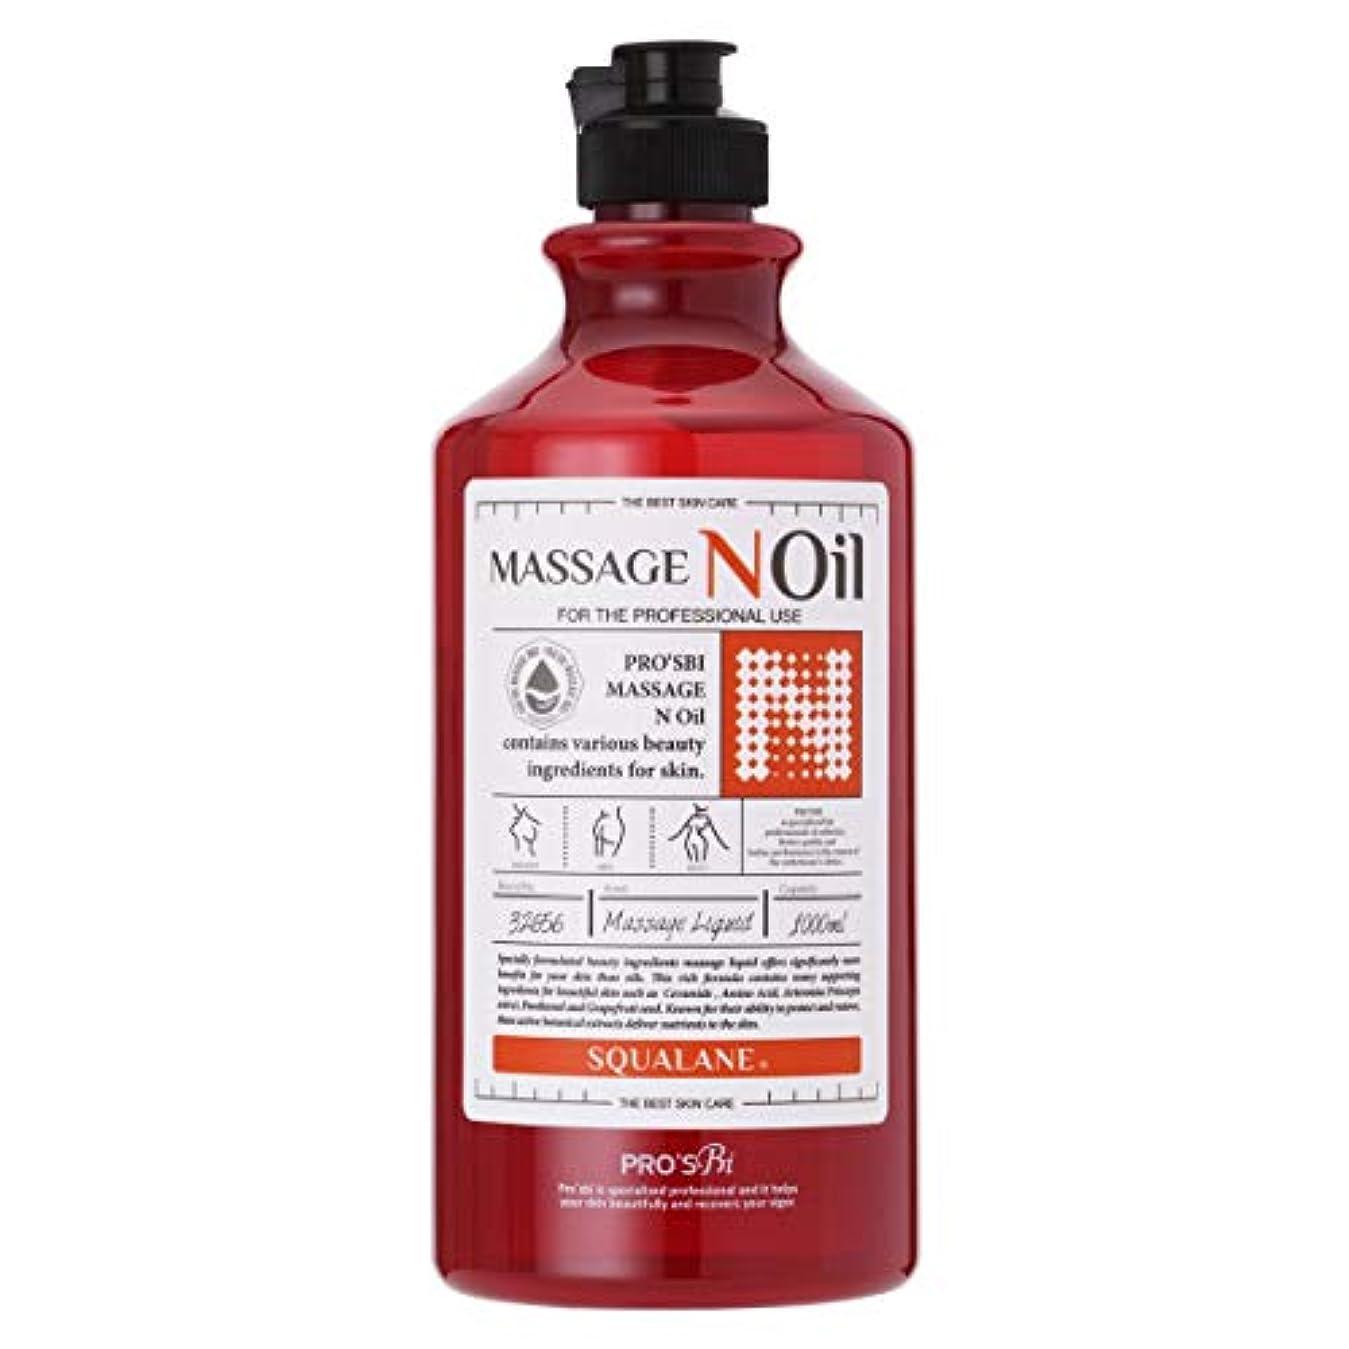 放置引退するくすぐったいプロズビ マッサージノイル スクワラン 1L (全6種類/全2サイズ) [ オイルフリー マッサージオイル マッサージジェル ボディマッサージオイル ボディオイル アロママッサージオイル マッサージリキッド グリセリン 水溶性 敏感肌 業務用 ]